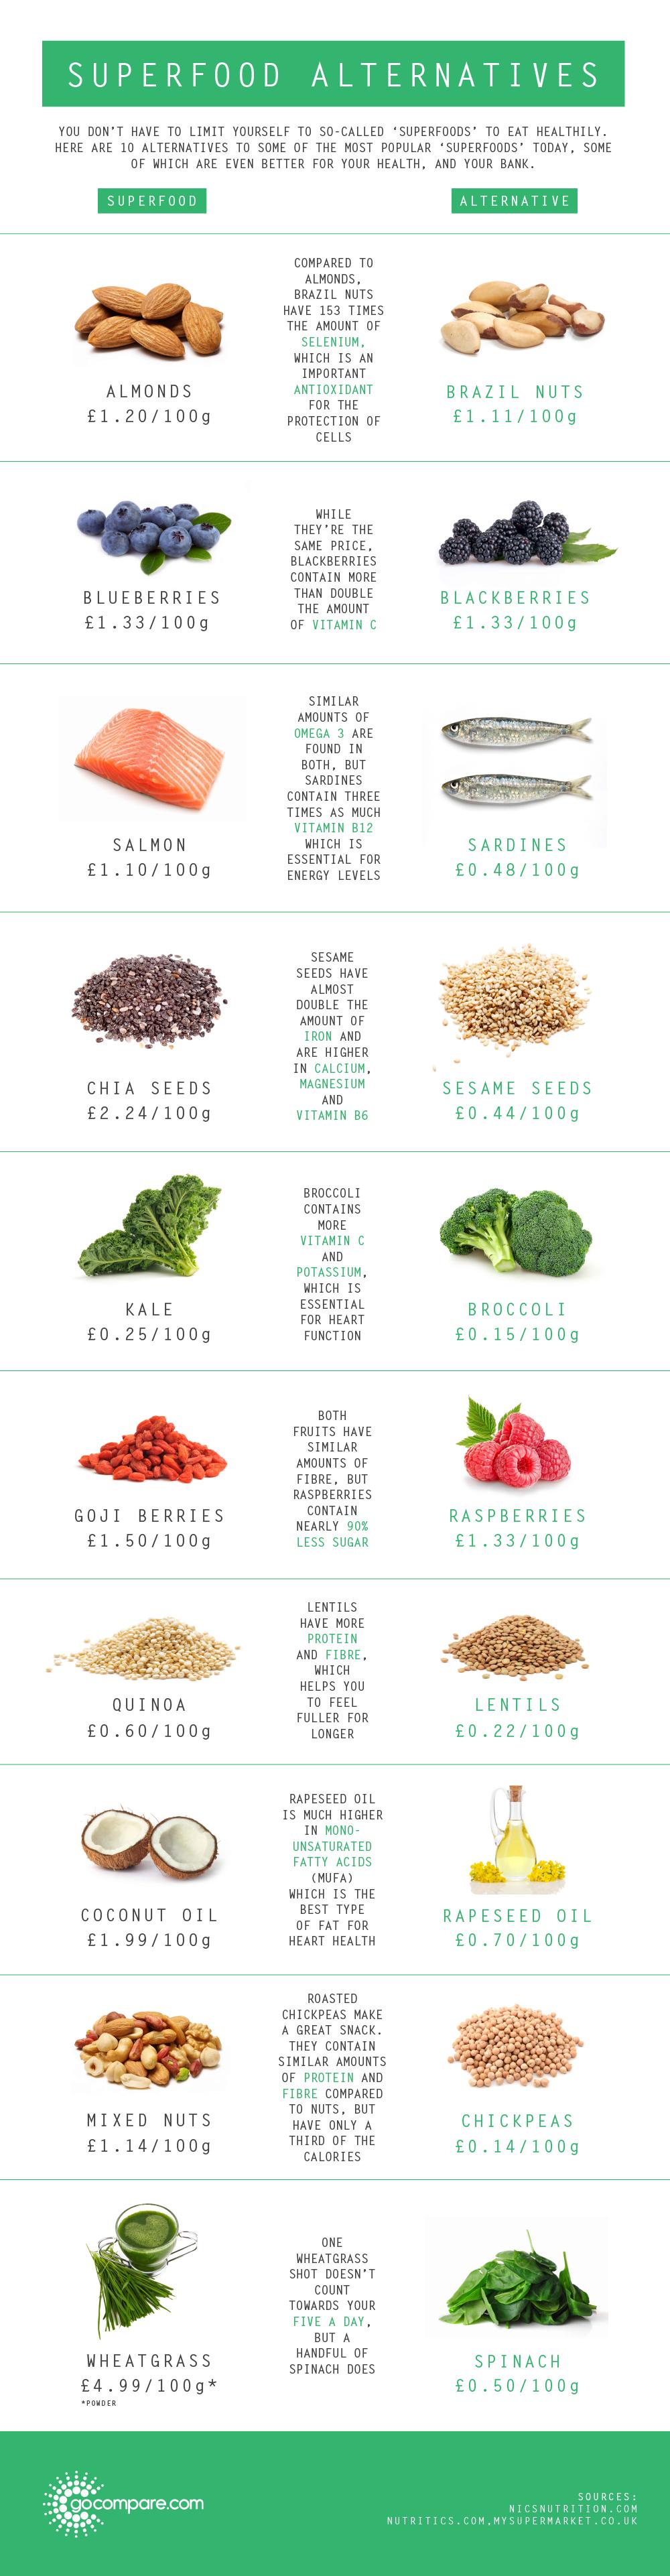 Superfood Alternatives